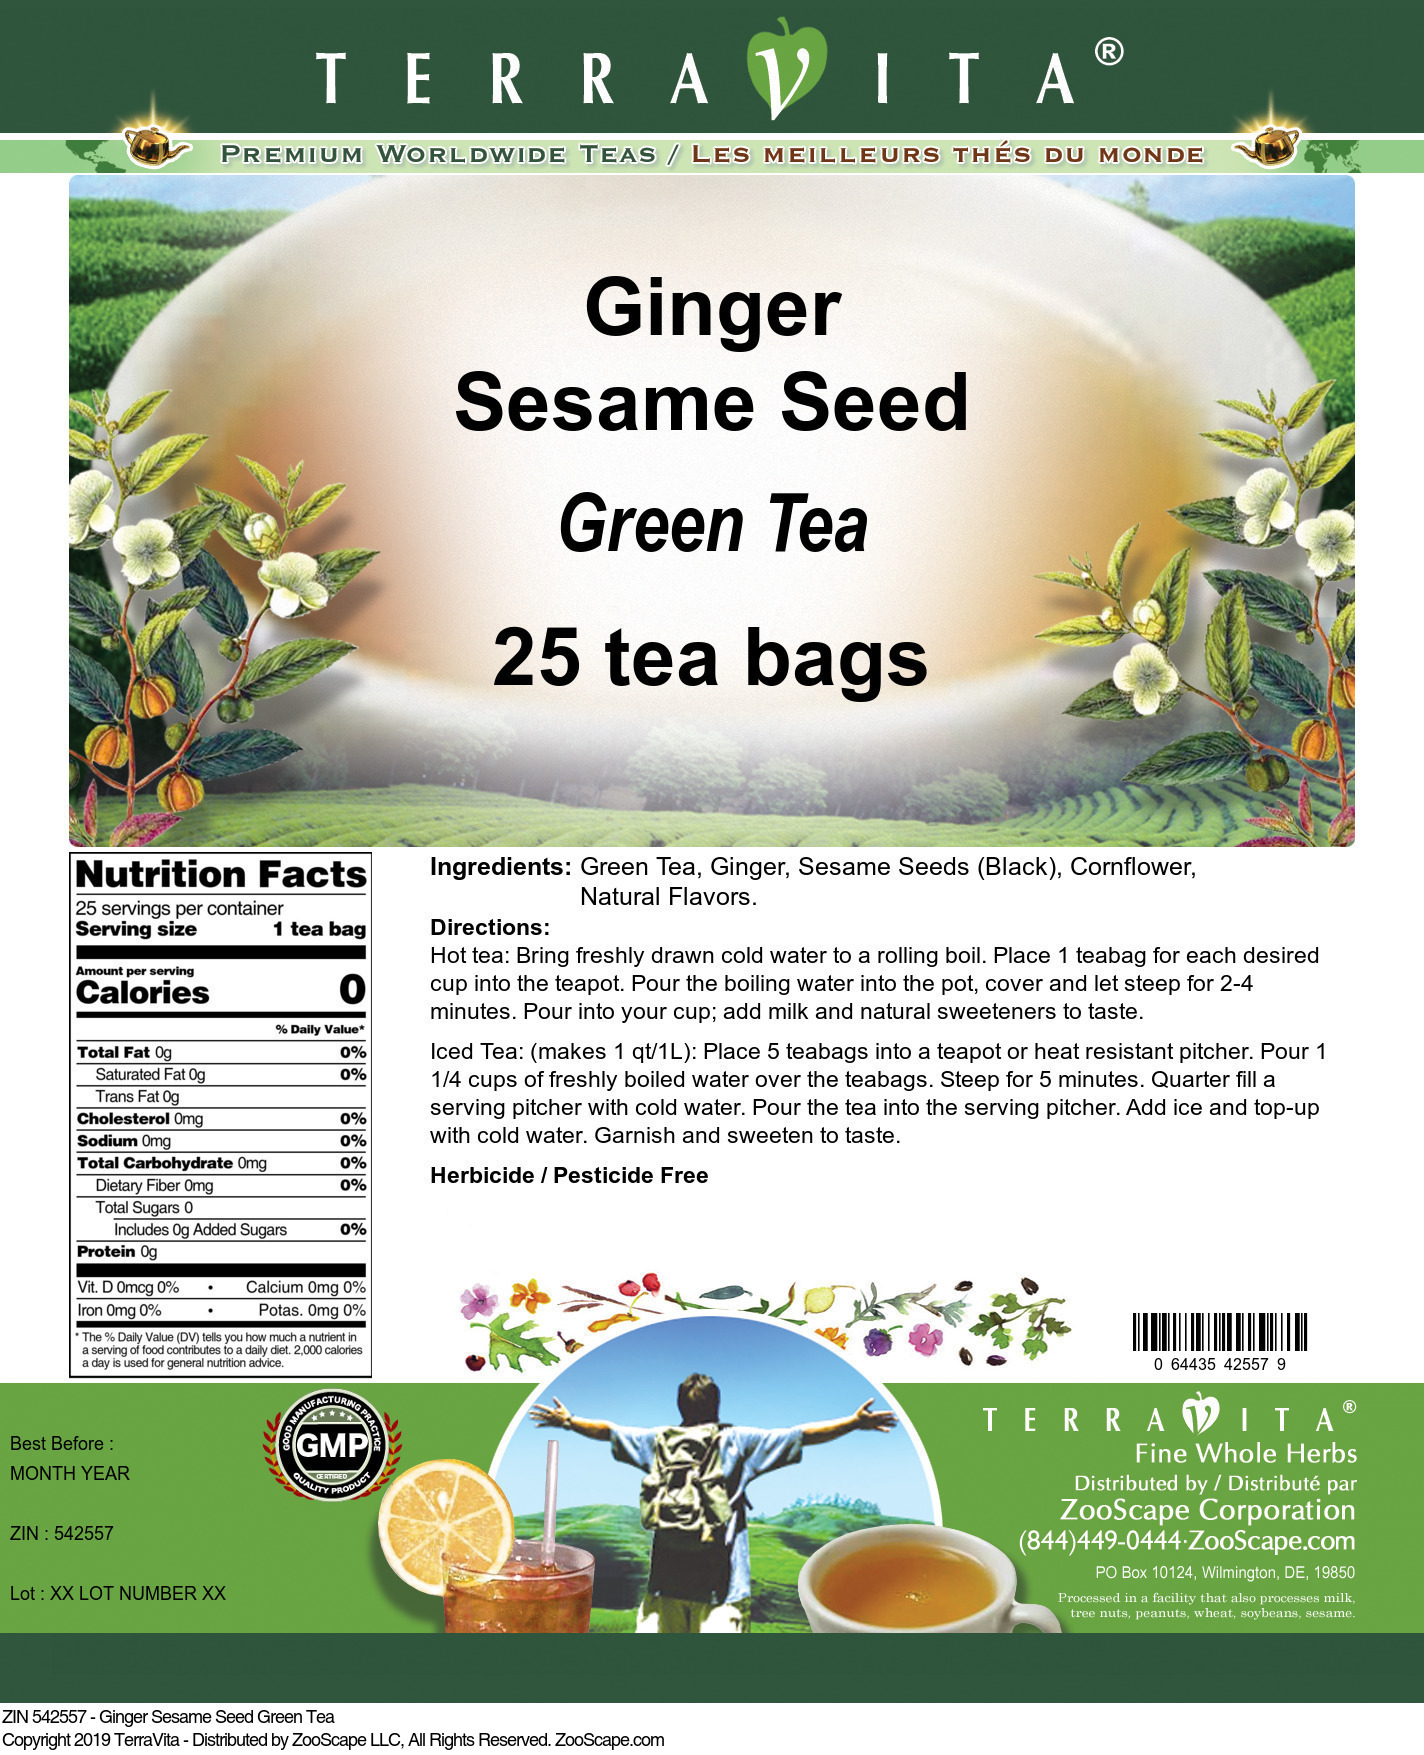 Ginger Sesame Seed Green Tea